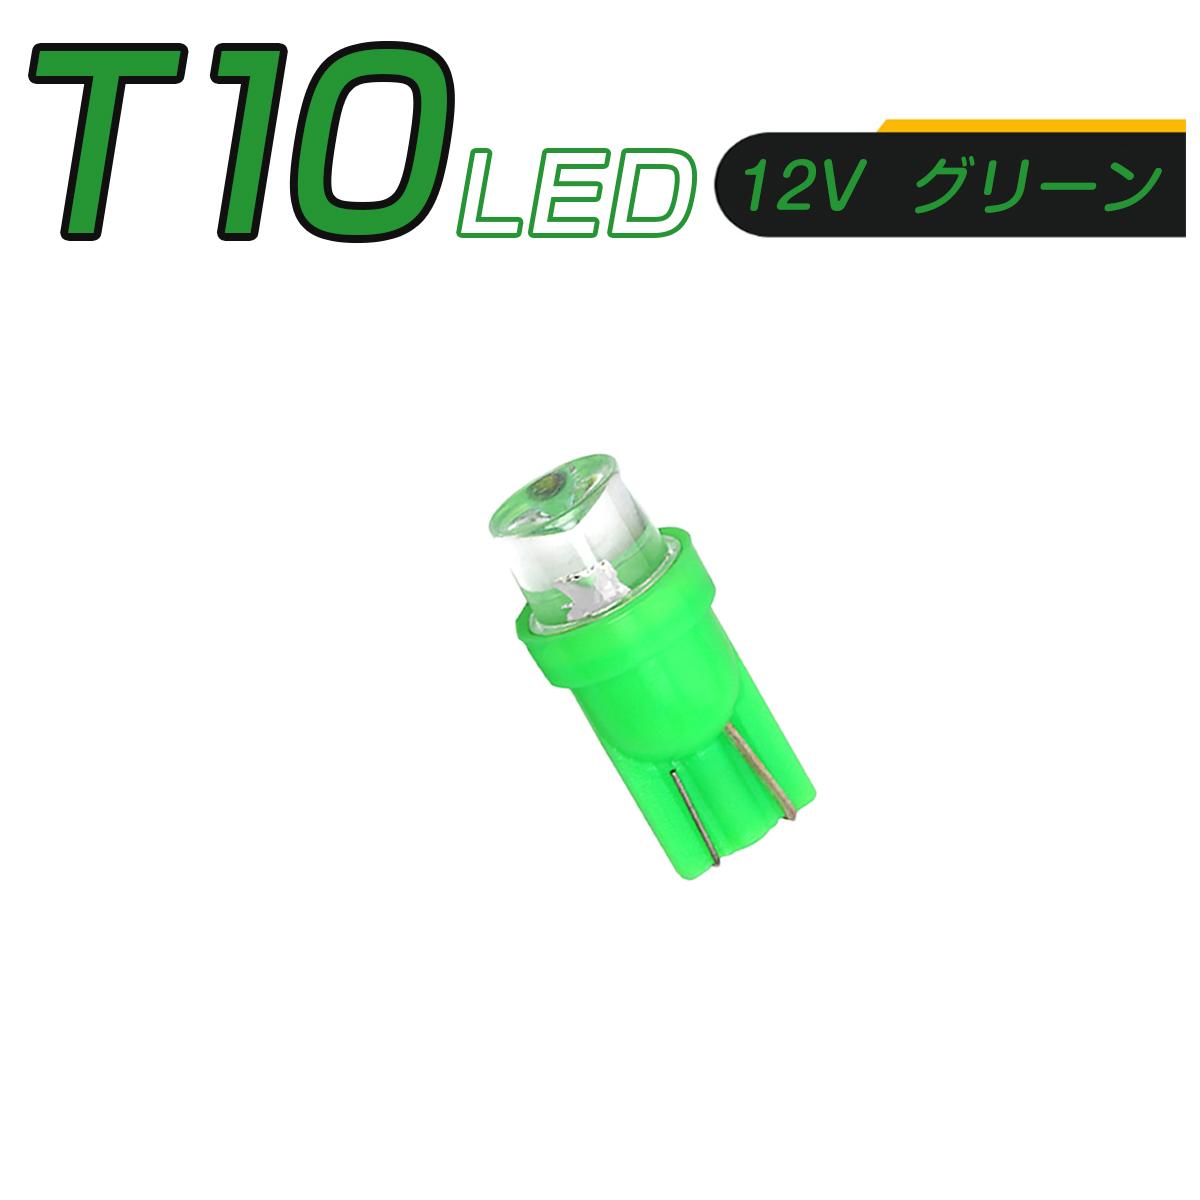 LED T10 緑 SMD メーター球 タコランプ インジケーター エアコンパネル ウェッジ球 超拡散 全面発光 2個セット SDM便送料無料 1ヶ月保証